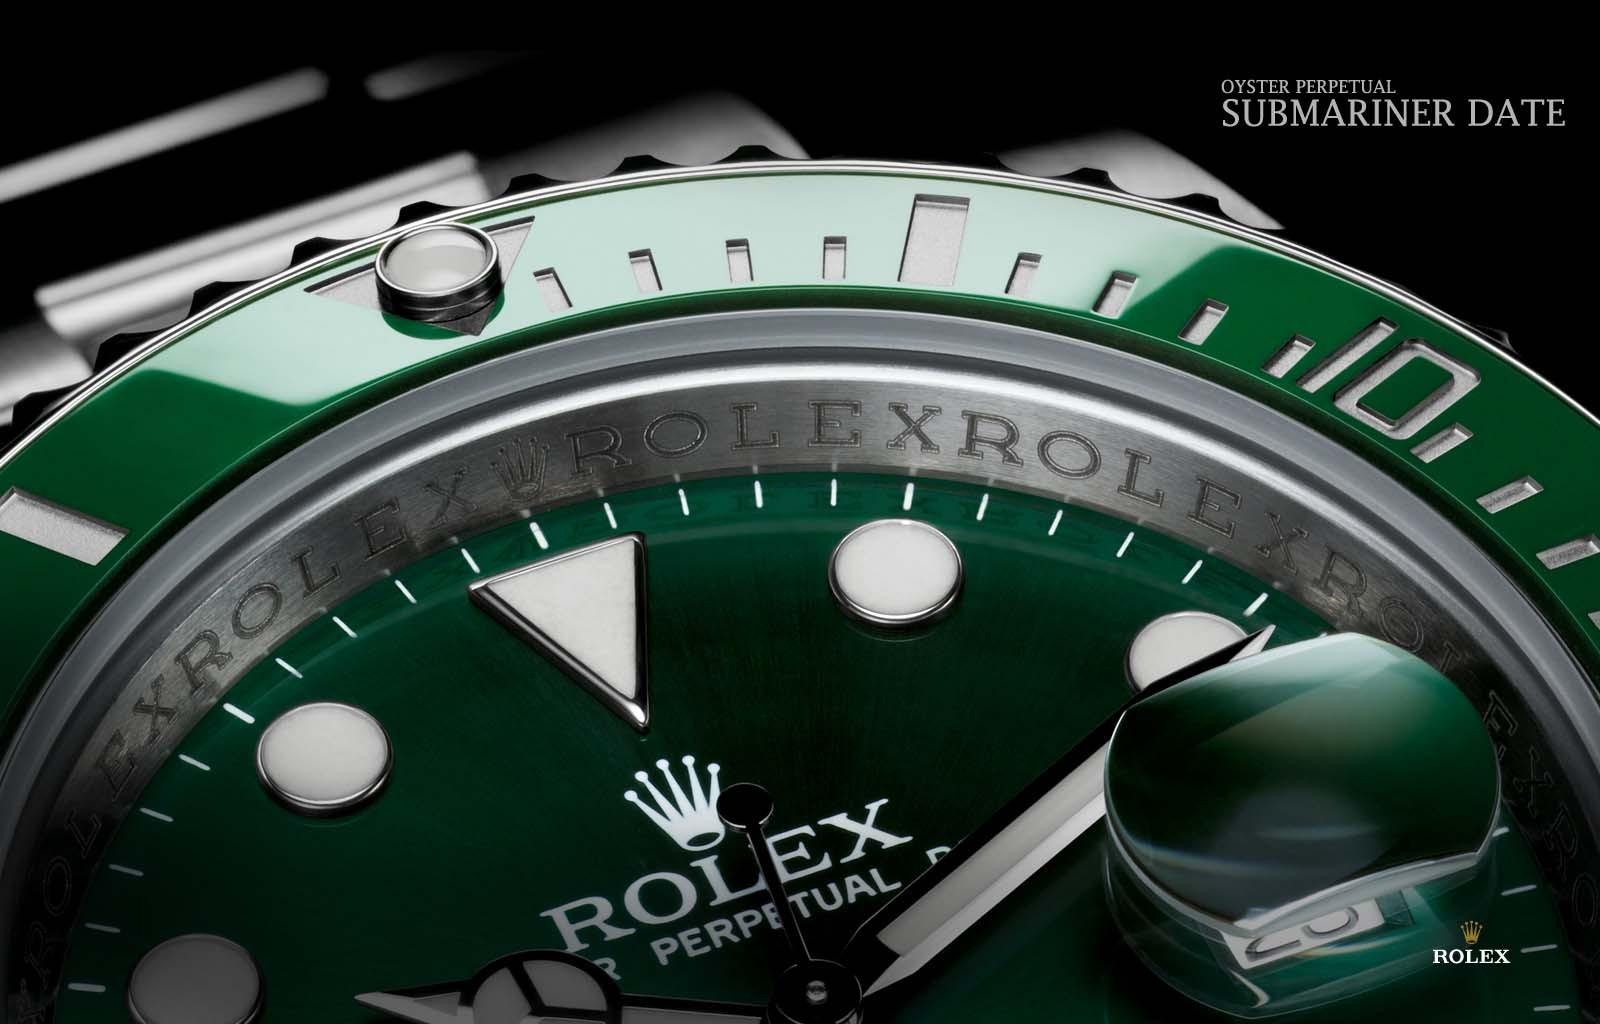 Rolex watches submariner wallpaper | 1600x1024 | 58740 | WallpaperUP